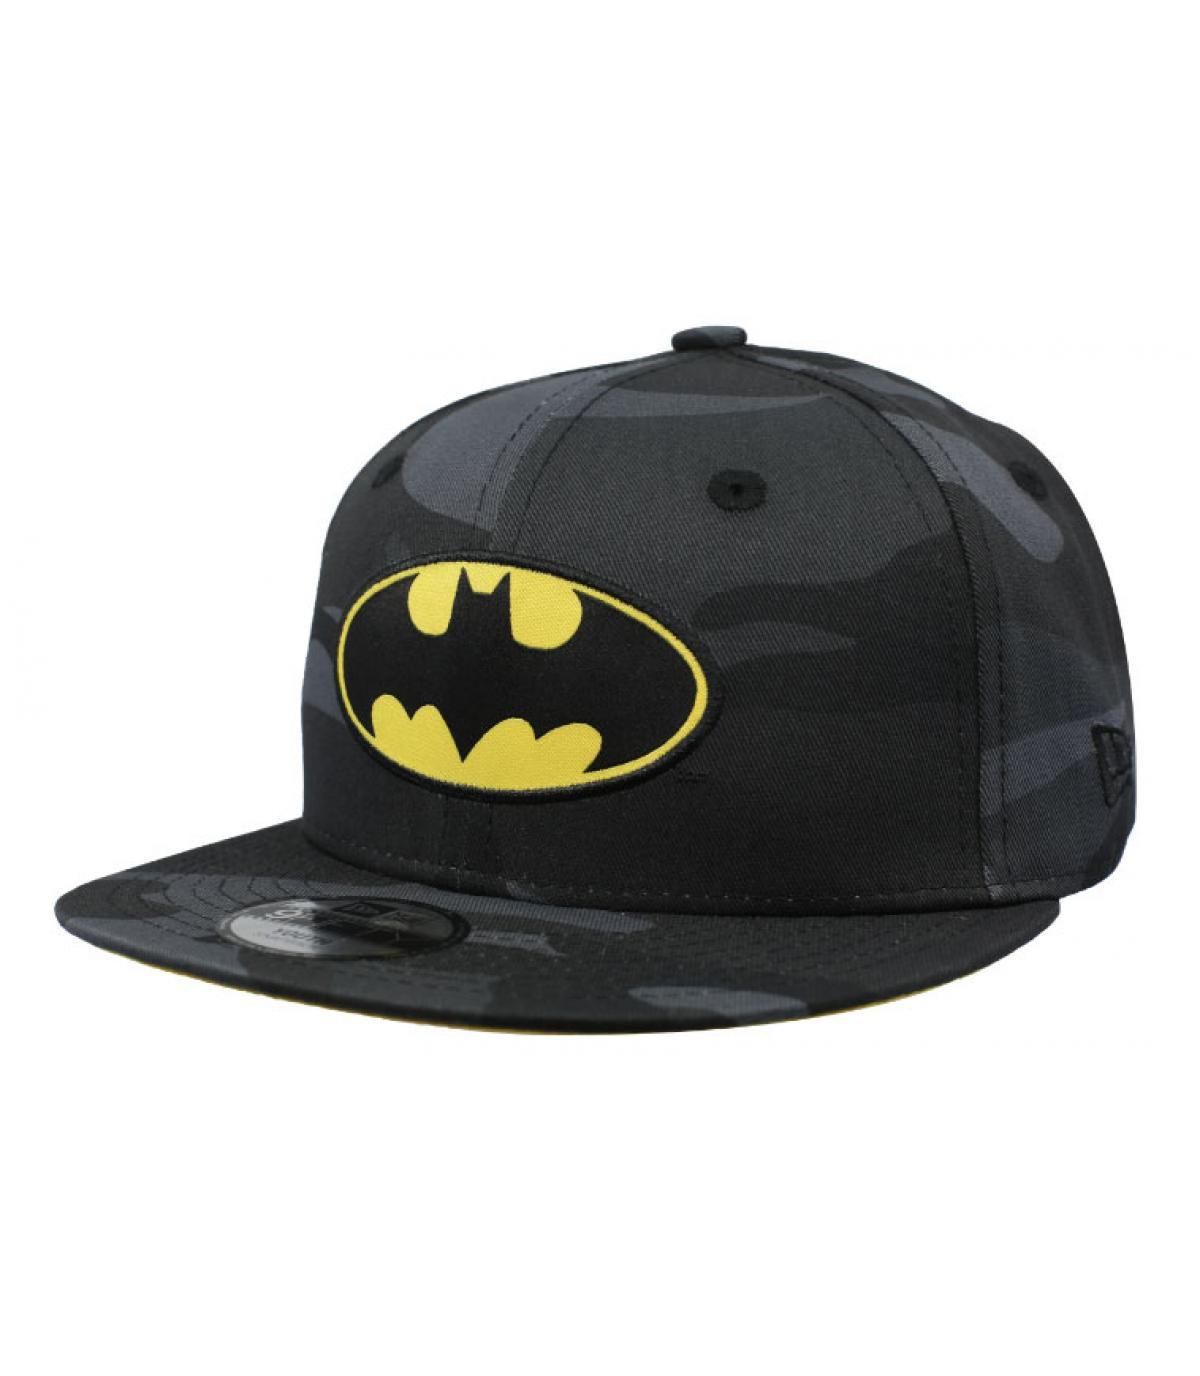 666301a0fb5 casquette Batman enfant - Snapback Kids Batman 9Fifty woodland Camo ...